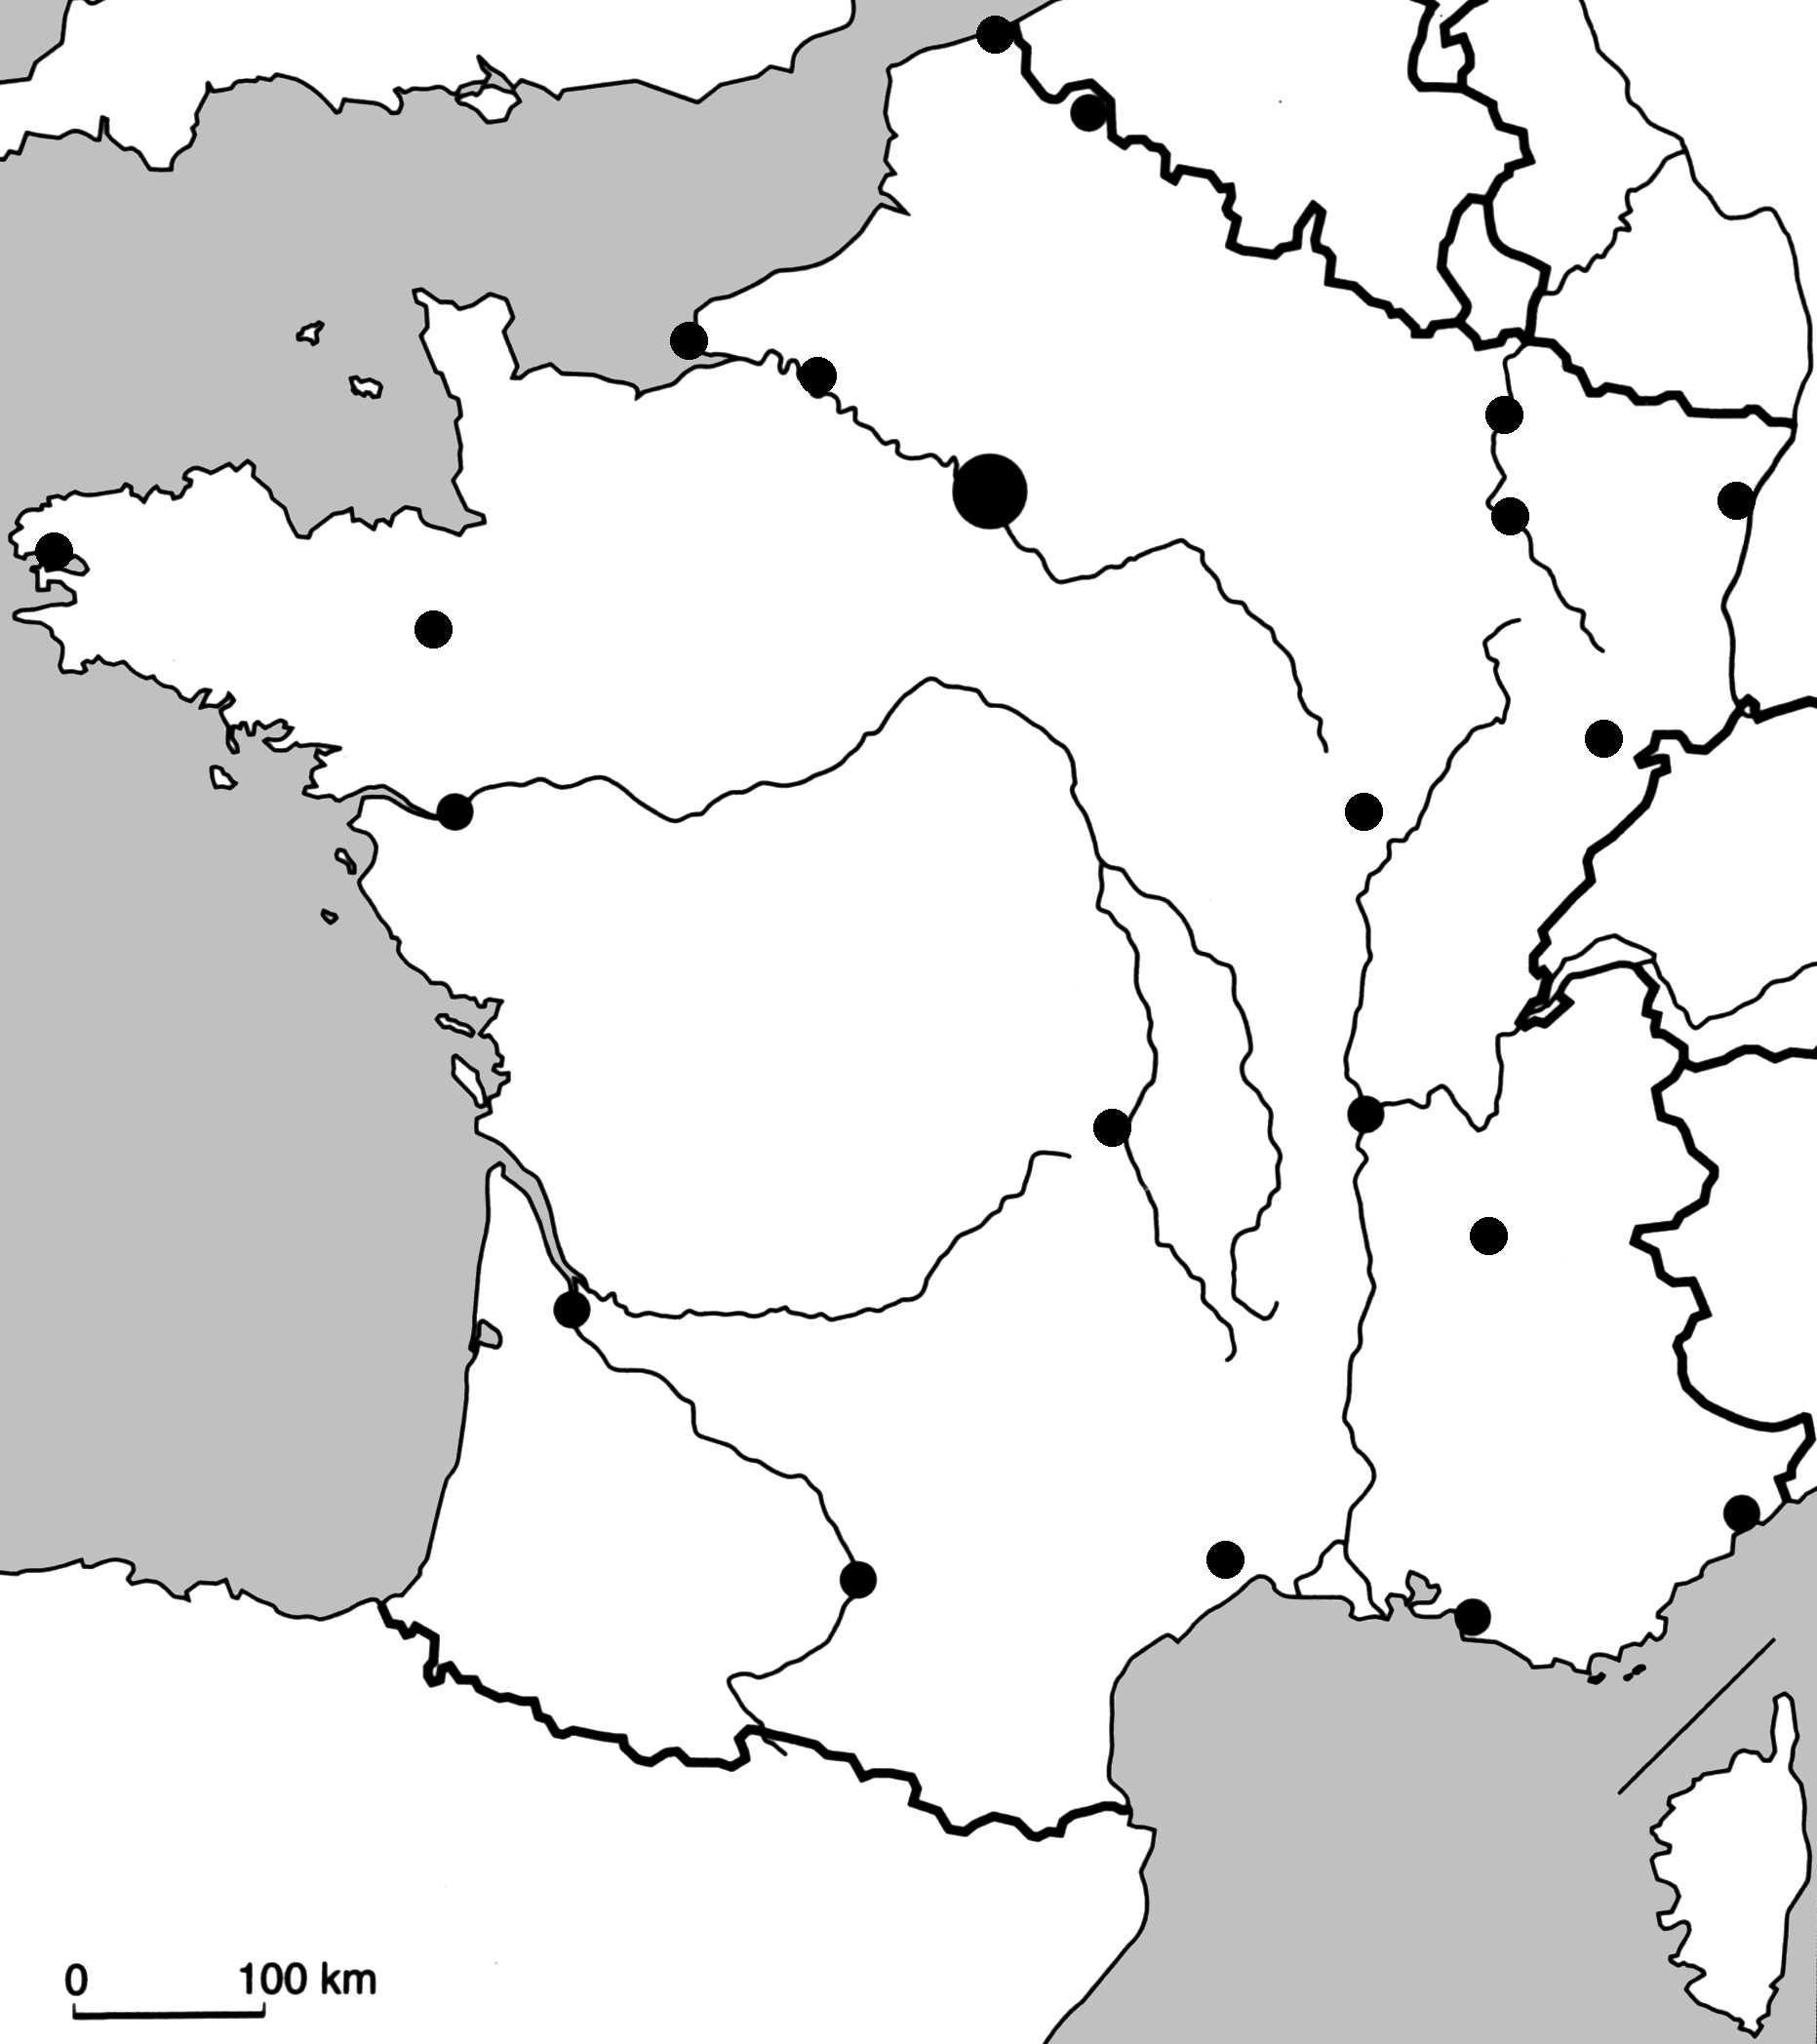 Afficher L'image D'origine | Carte France Vierge, Fleuve De dedans Carte Des Fleuves De France